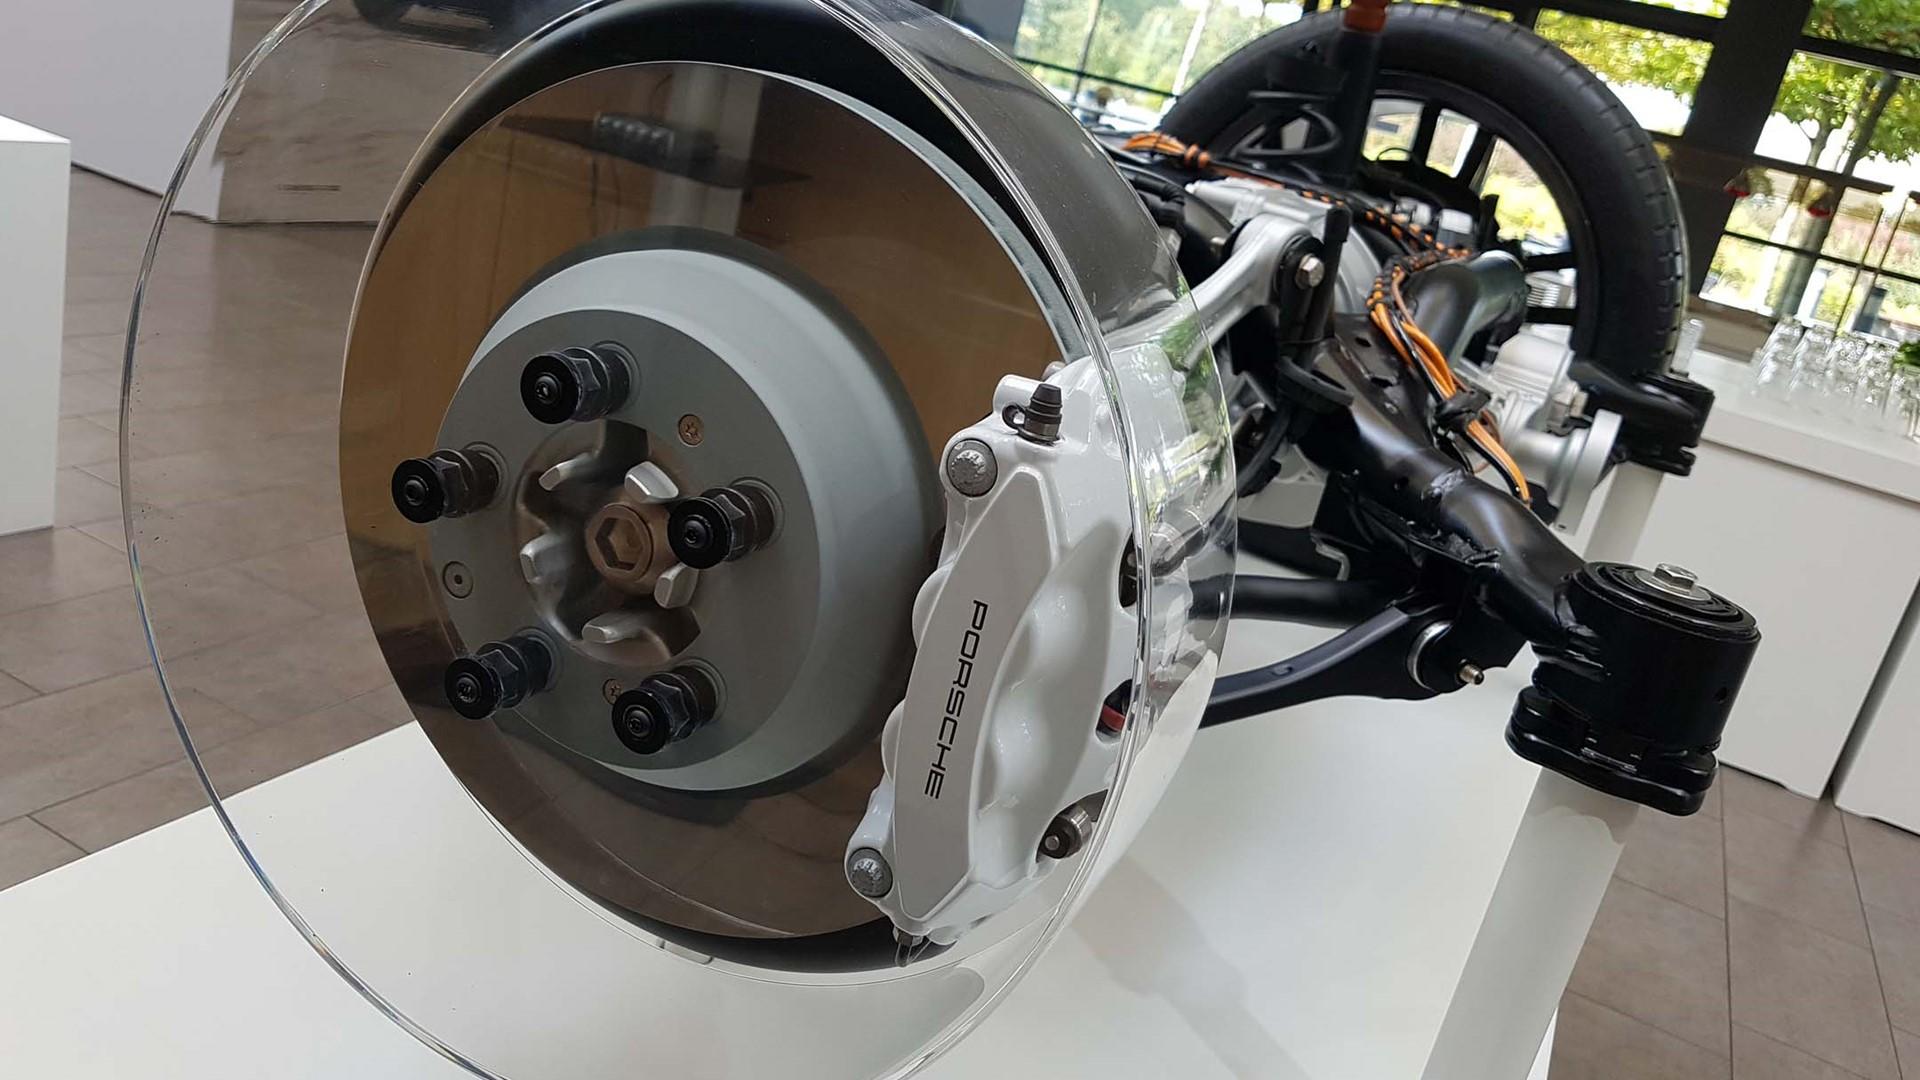 Porsche thay đổi cuộc chơi với đĩa phanh xe mới trên dòng xe Cayenne 2019 1